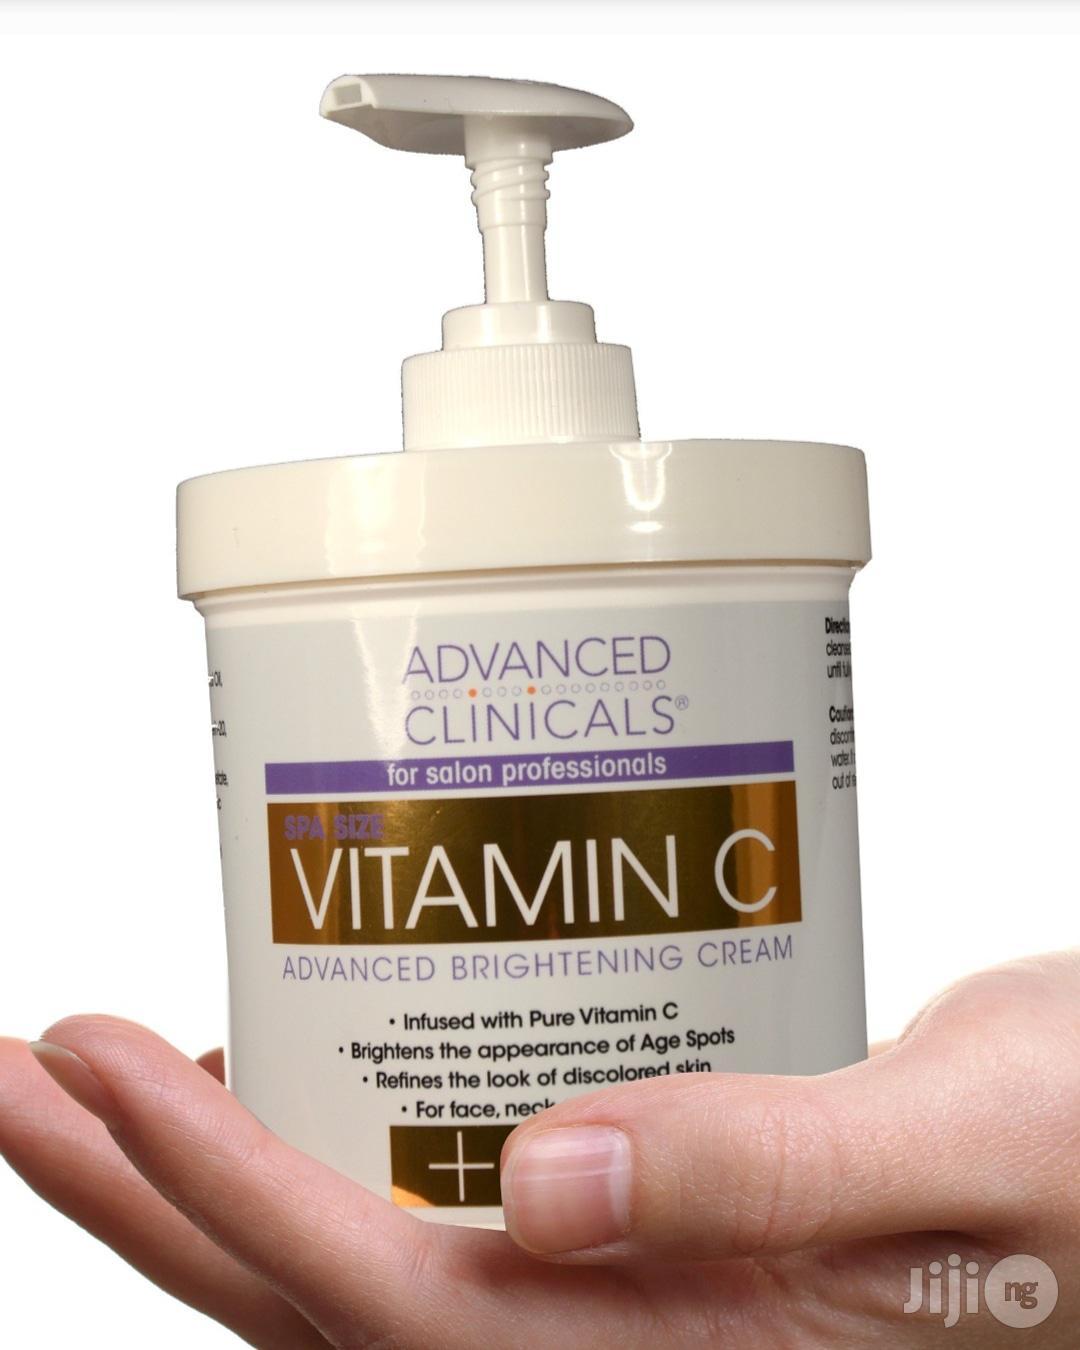 Advanced Clinicals Anti-Aging Vitamin C Brightening Cream